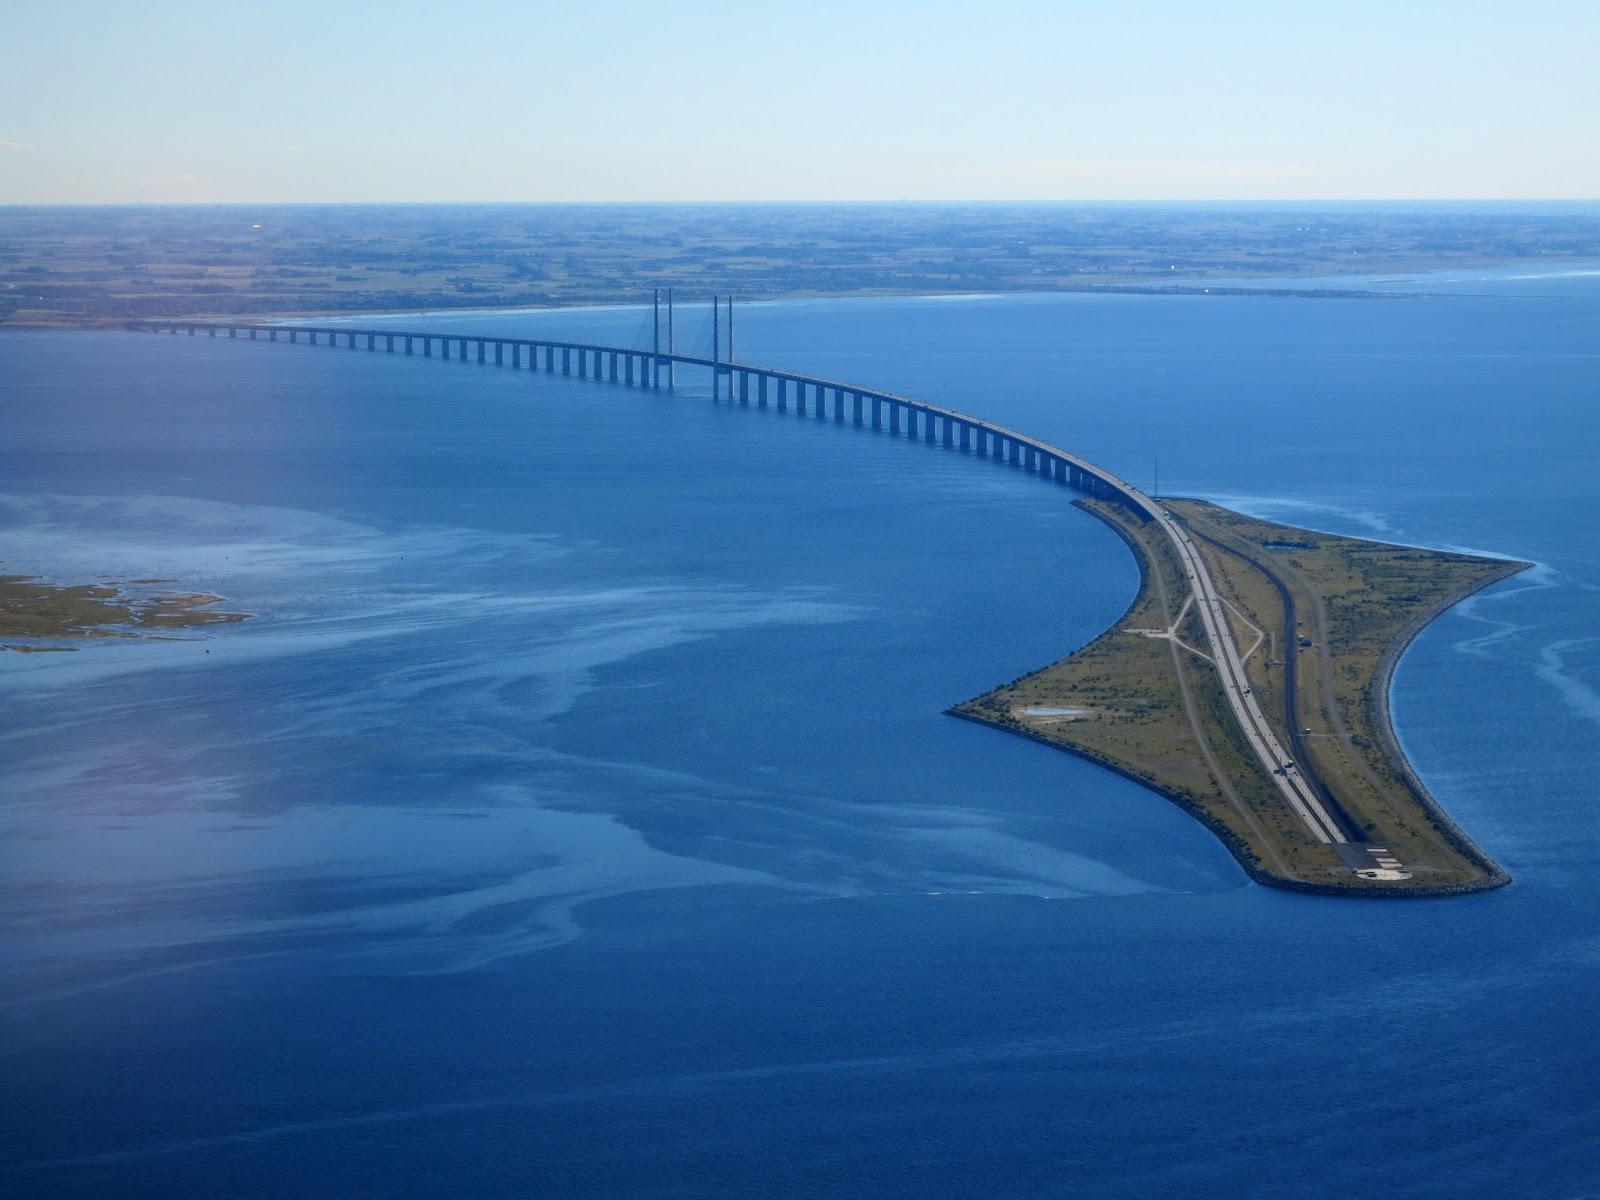 El puente de Oresund es una de las fronteras más fascinantes del mundo. Se sitúa entre Dinamarca y Suecia